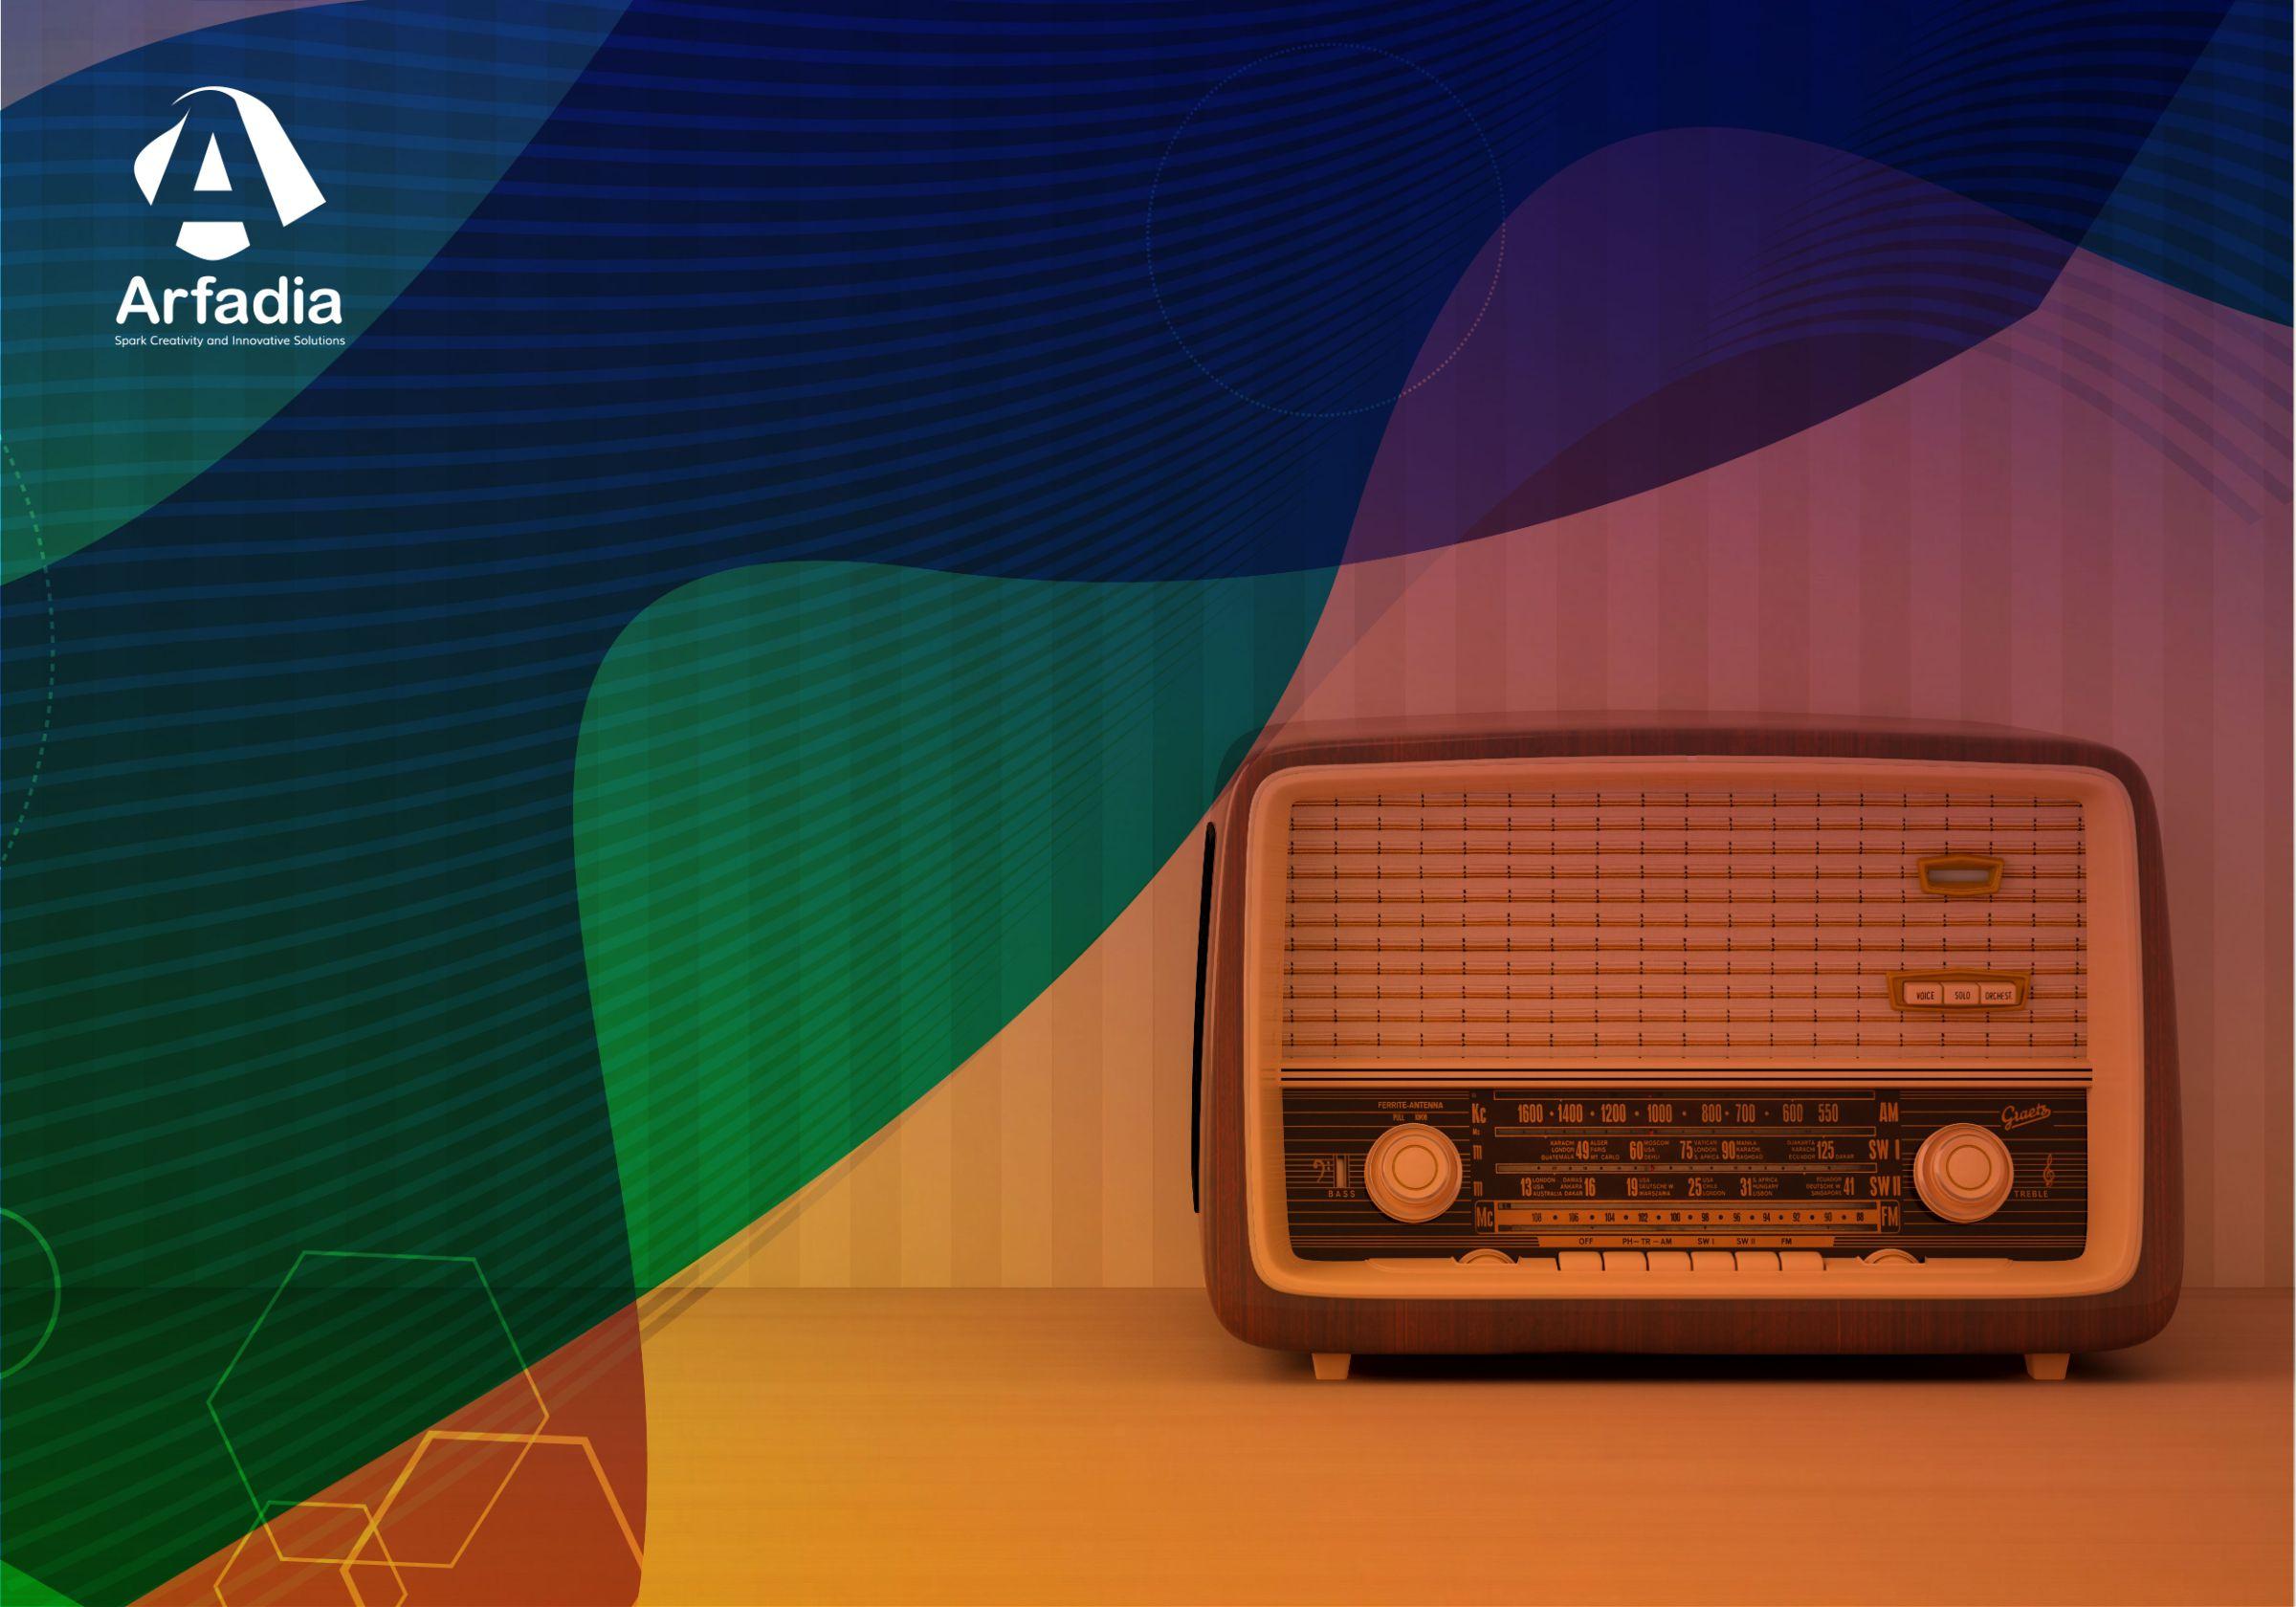 Kelebihan dan Kekurangan Radio